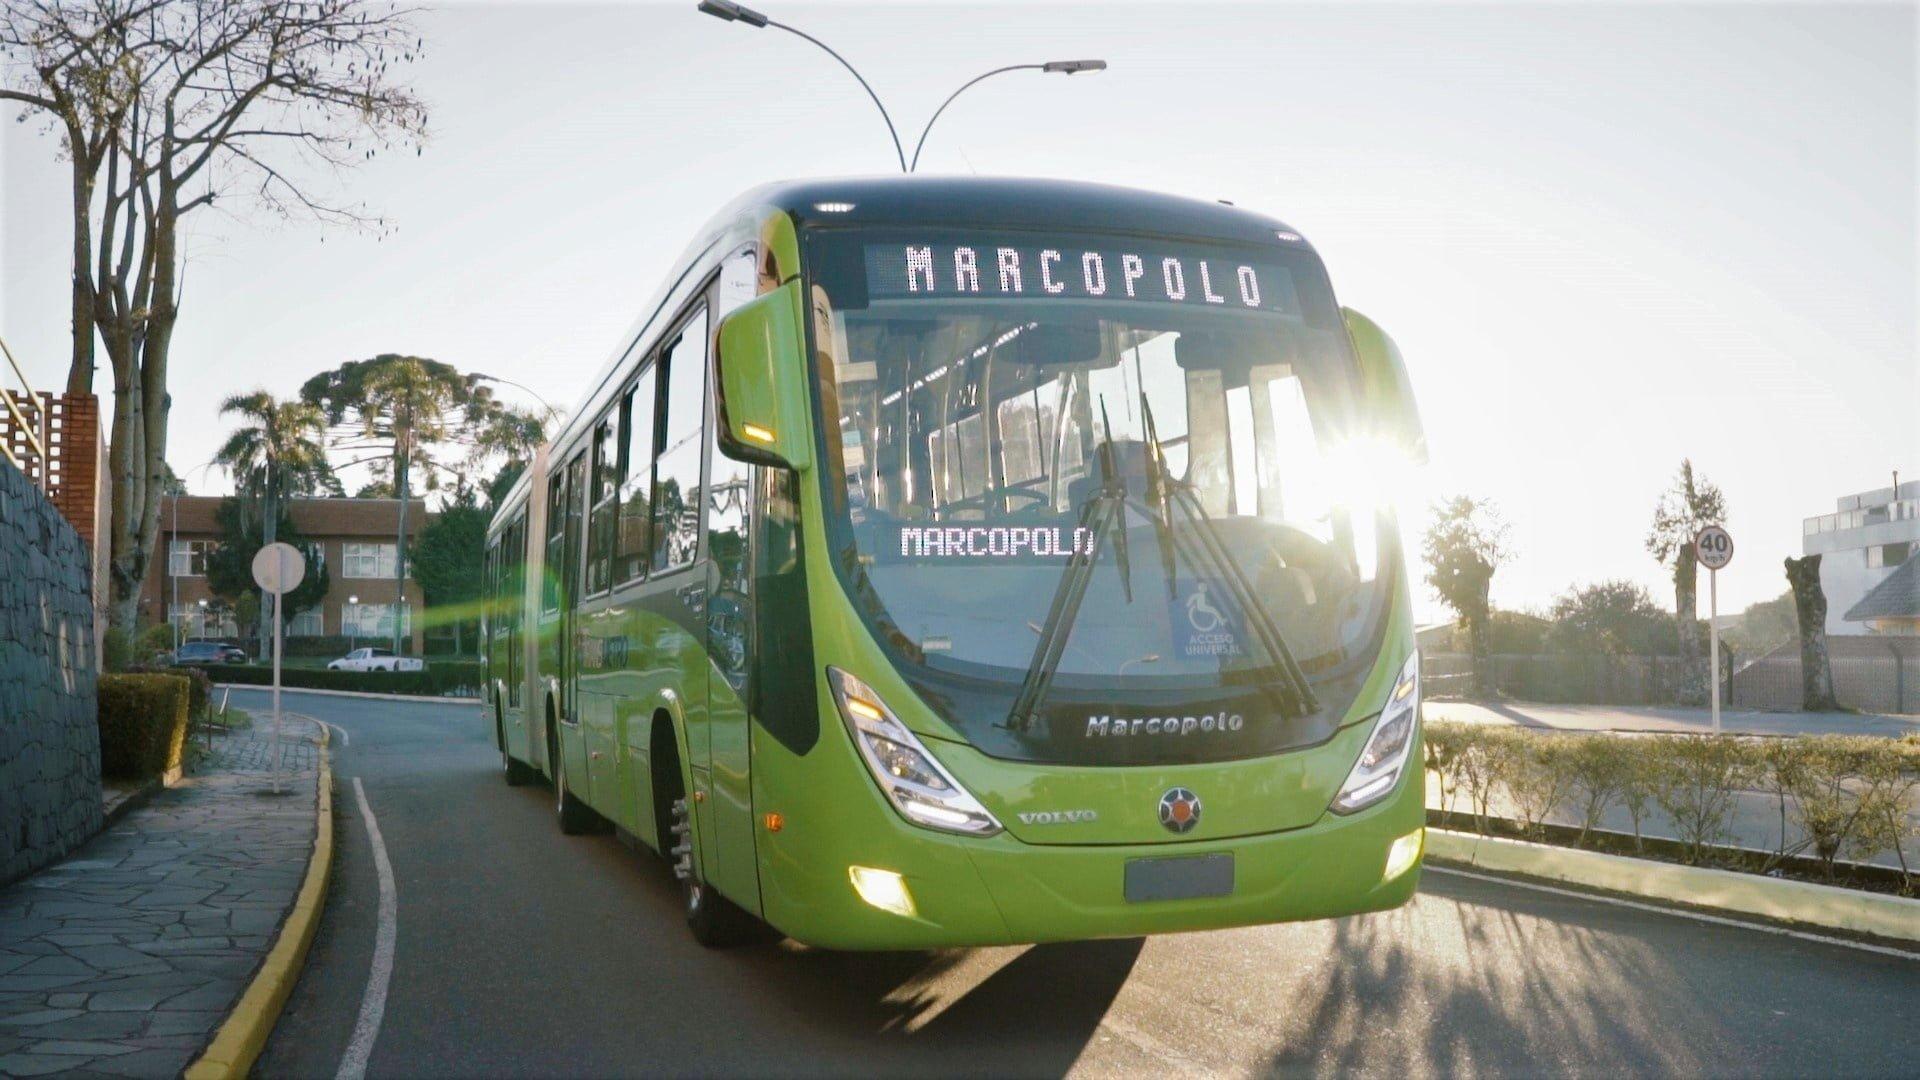 Internacional: Volvo e Marcopolo exportam mais 20 ônibus articulados para BRT da Guatemala